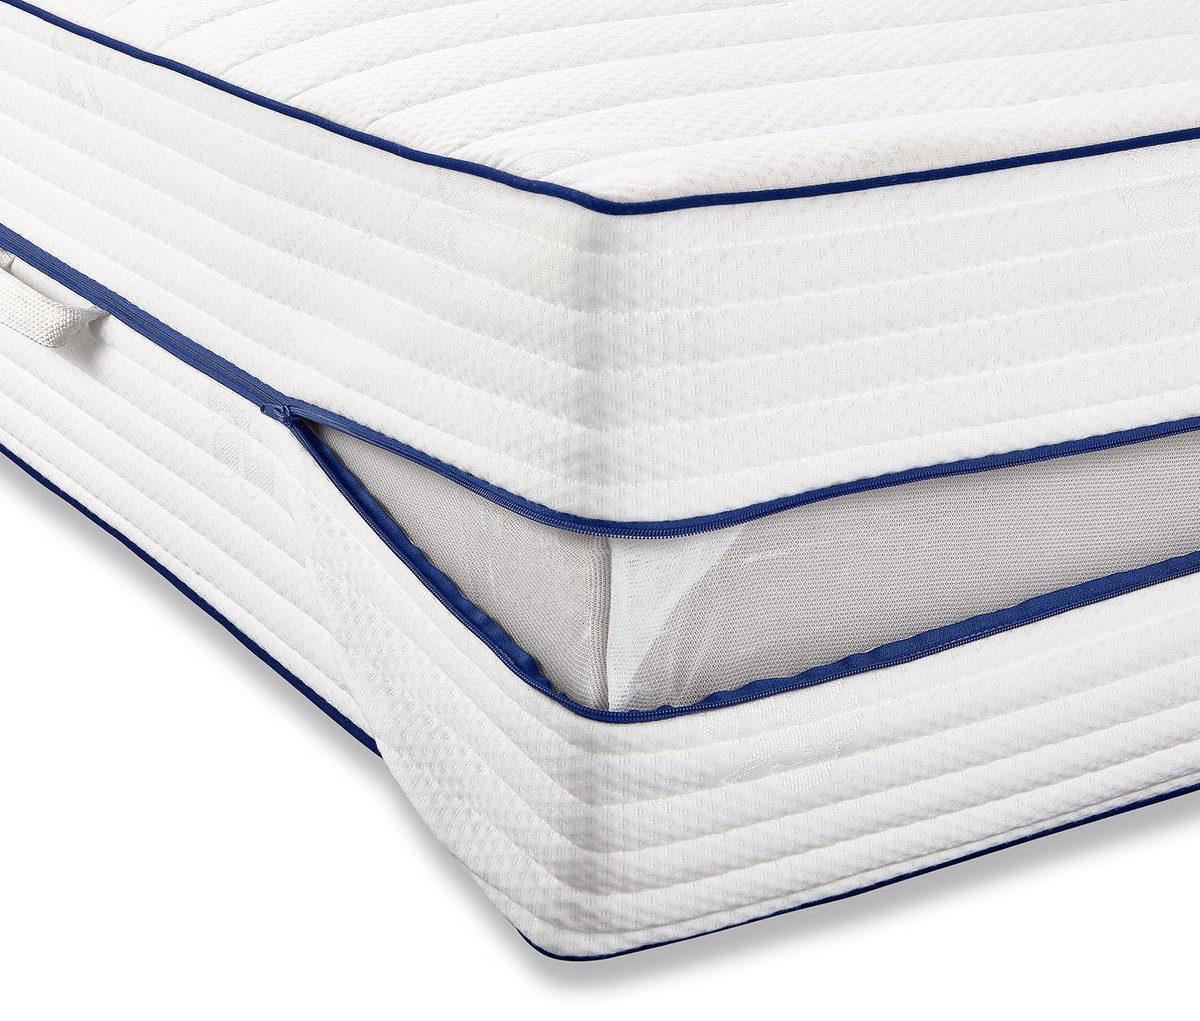 irisette 7 zonen tonnentaschenfederkernmatratze boxspring ca 90 x 200 cm von tchibo ansehen. Black Bedroom Furniture Sets. Home Design Ideas